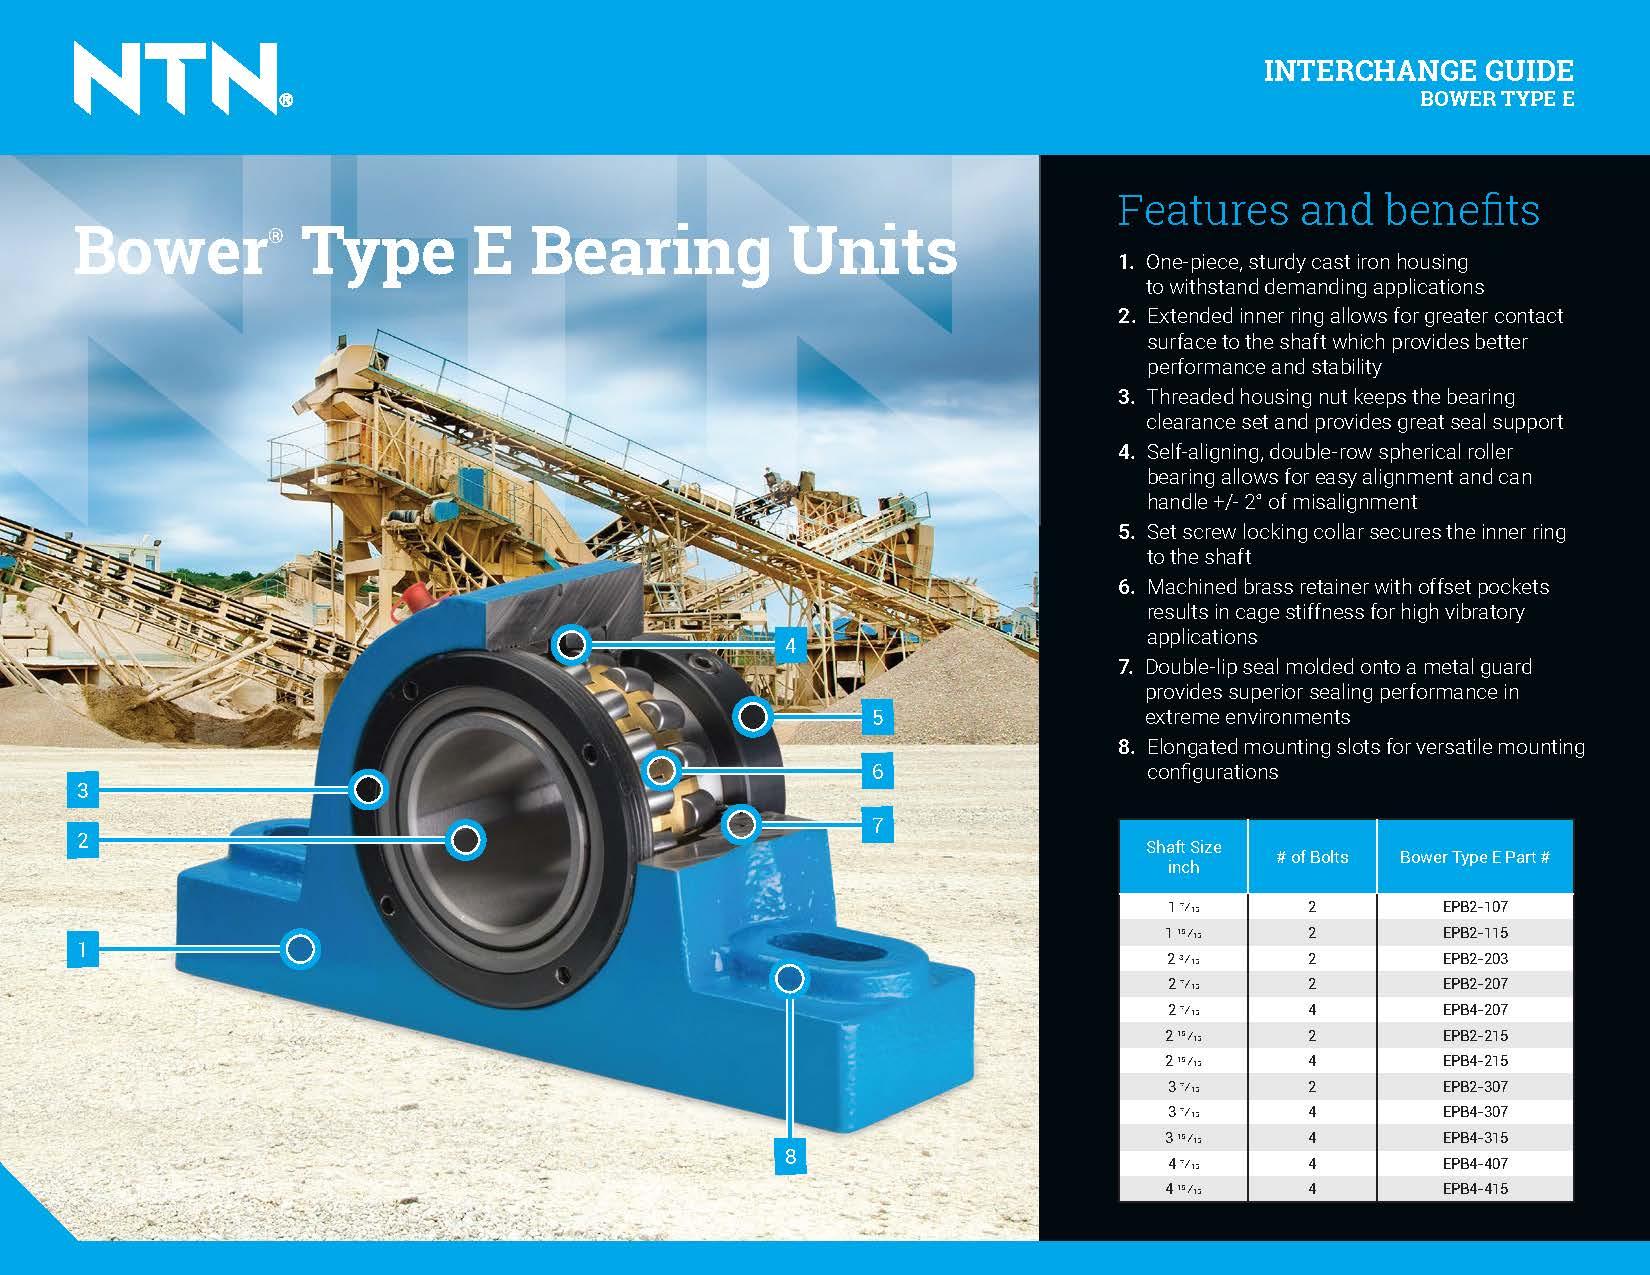 NTN BowerTypeEInterchange https://ntn.ca/wp content/uploads///NTN Bower Type E Interchange.pdf